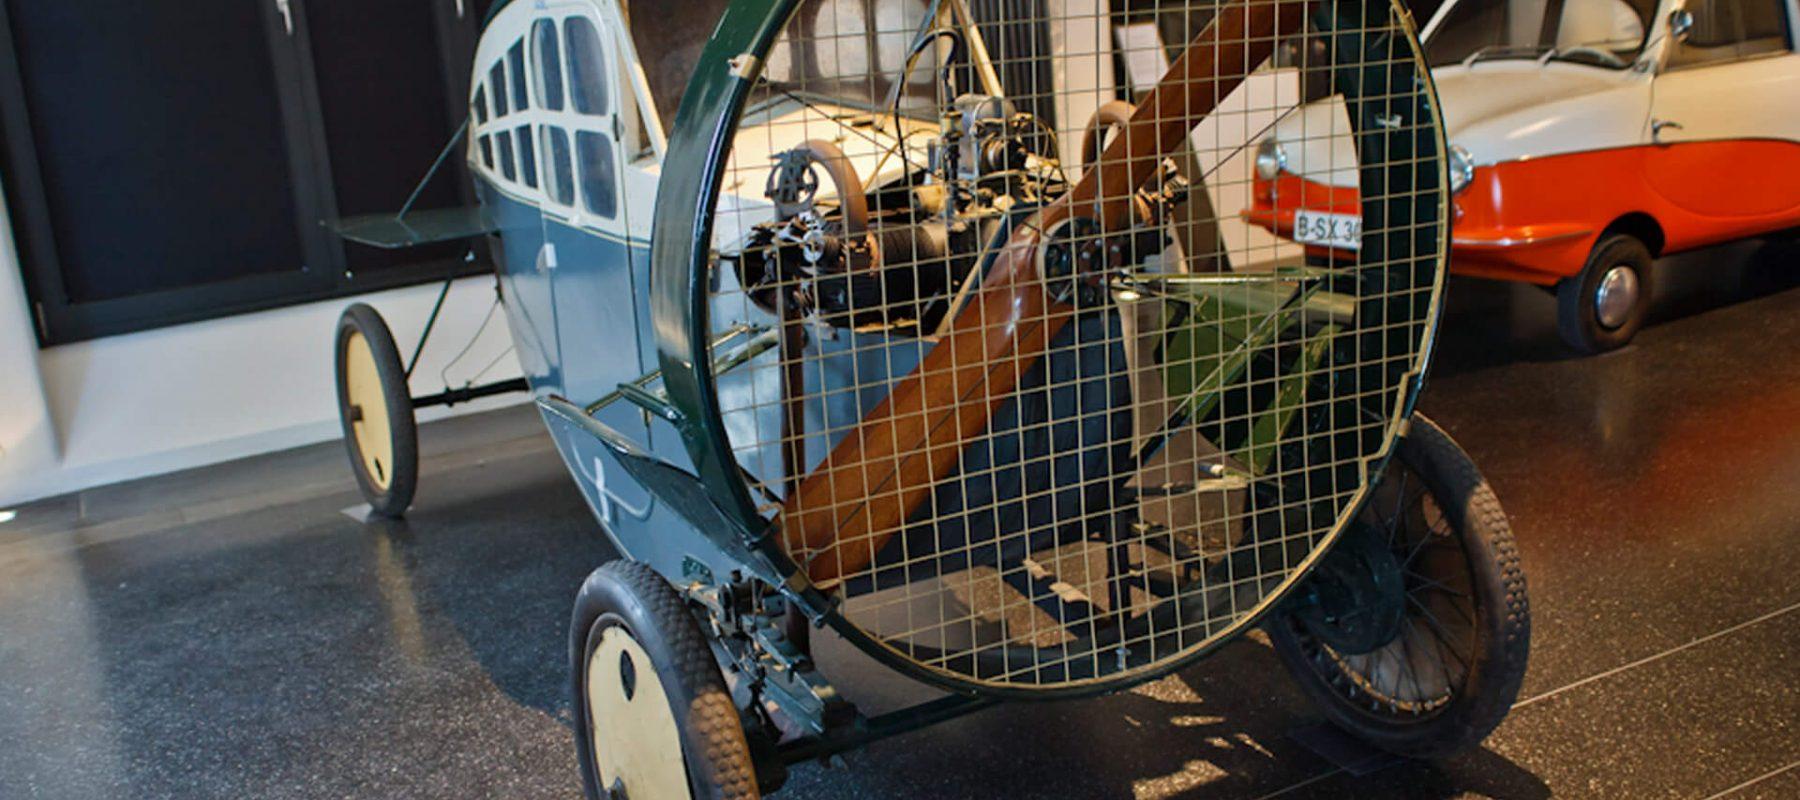 Das Hamburger Automuseum Prototyp wagte 2009 mit der Sonderausstellung